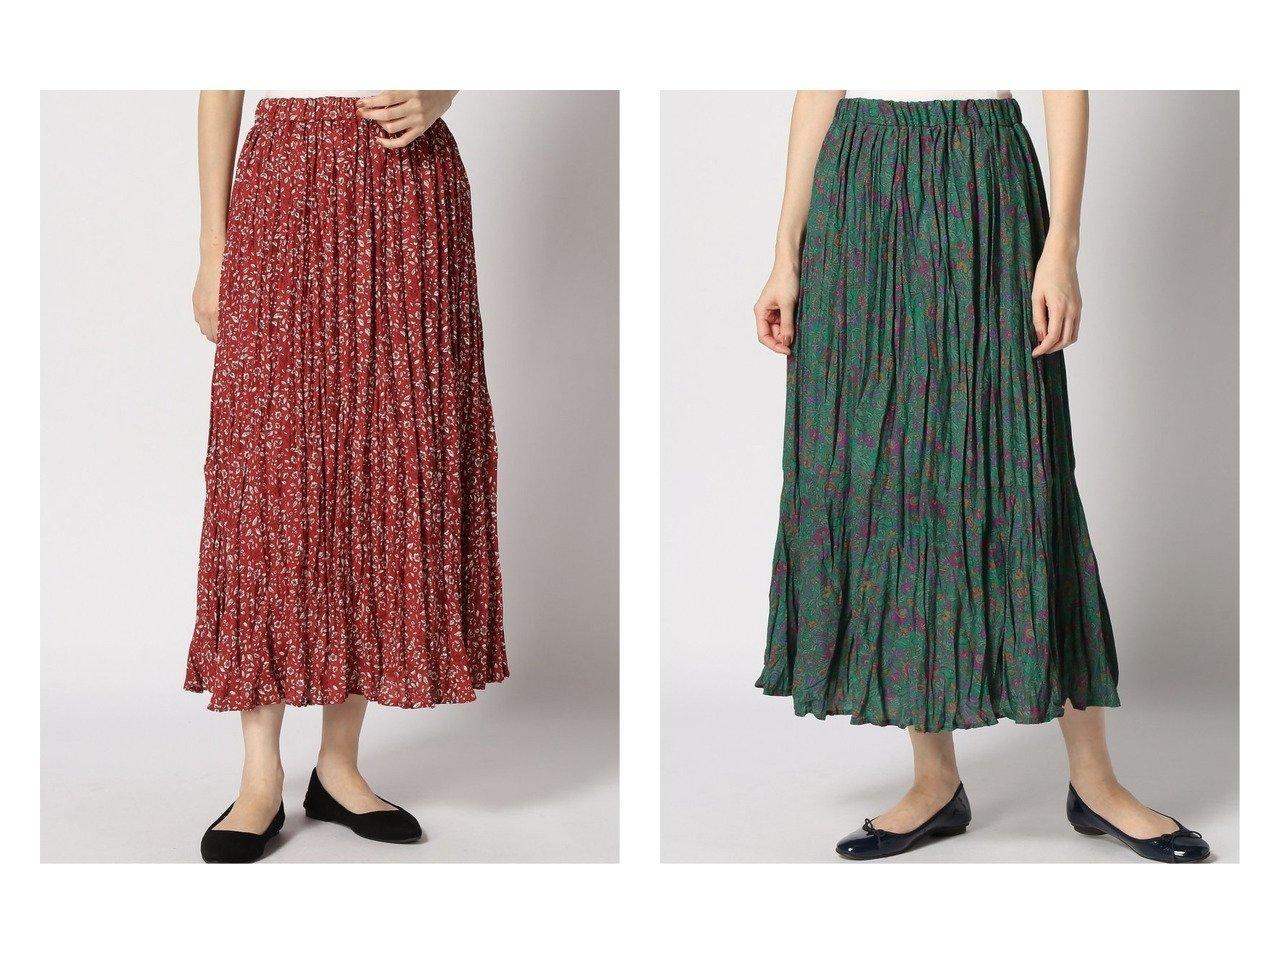 【JOURNAL STANDARD relume/ジャーナルスタンダード レリューム】のワッシャープリーツ フレアSK スカートのおすすめ!人気、トレンド・レディースファッションの通販  おすすめで人気の流行・トレンド、ファッションの通販商品 メンズファッション・キッズファッション・インテリア・家具・レディースファッション・服の通販 founy(ファニー) https://founy.com/ ファッション Fashion レディースファッション WOMEN スカート Skirt Aライン/フレアスカート Flared A-Line Skirts 2020年 2020 2020-2021 秋冬 A/W AW Autumn/Winter / FW Fall-Winter 2020-2021 A/W 秋冬 AW Autumn/Winter / FW Fall-Winter パターン フェミニン フレア プリーツ ベーシック ワッシャー 無地 |ID:crp329100000009693